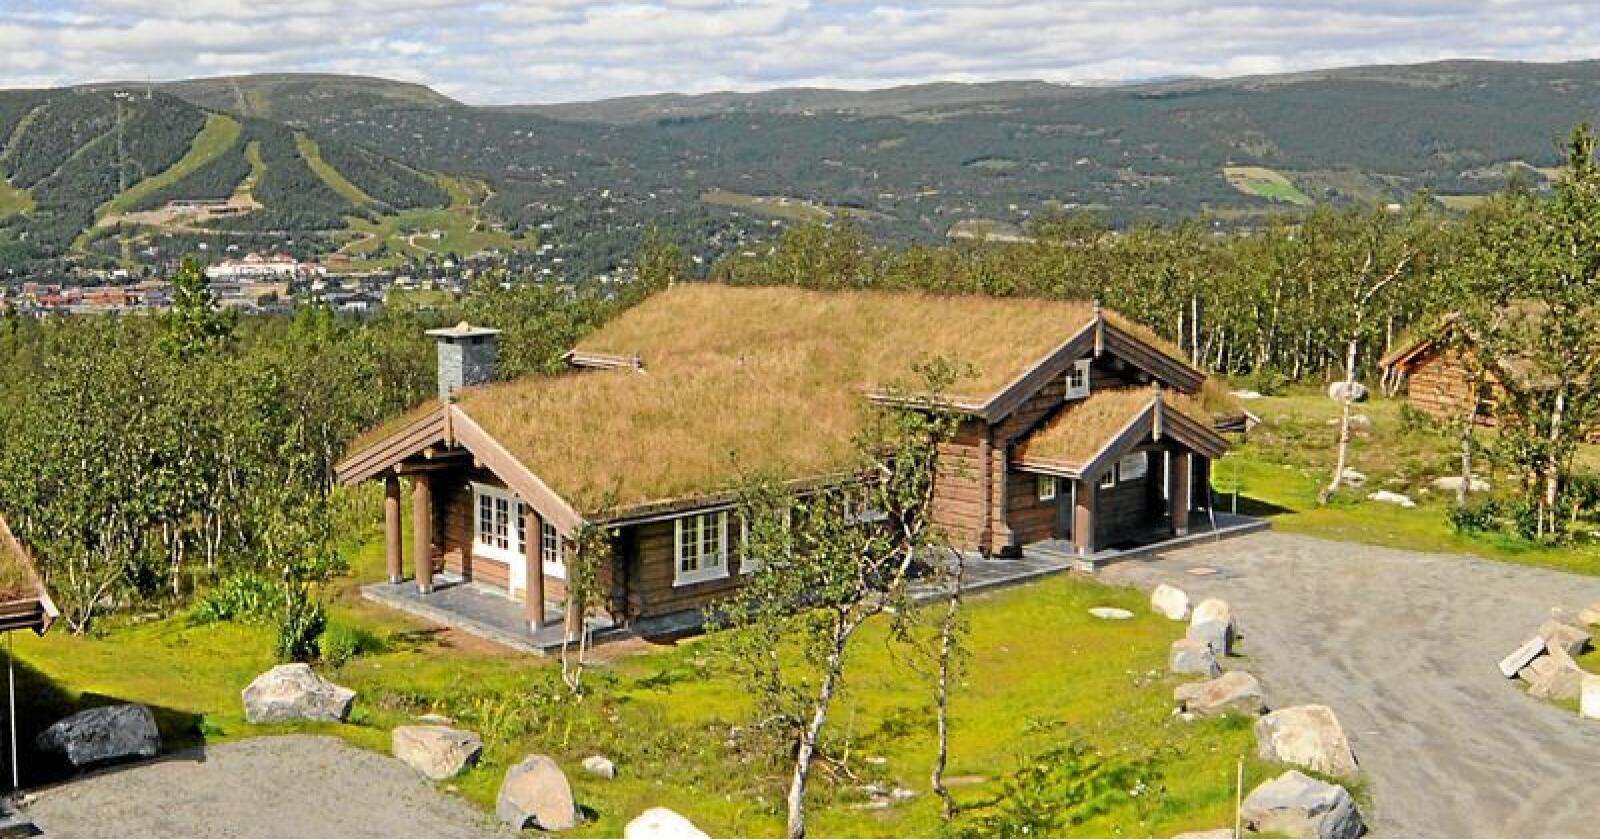 Sentrumsnært: Det er snart slutt på å spre hytter som hagl rundt om i utmarka. Foto: Lars Kristian Steen